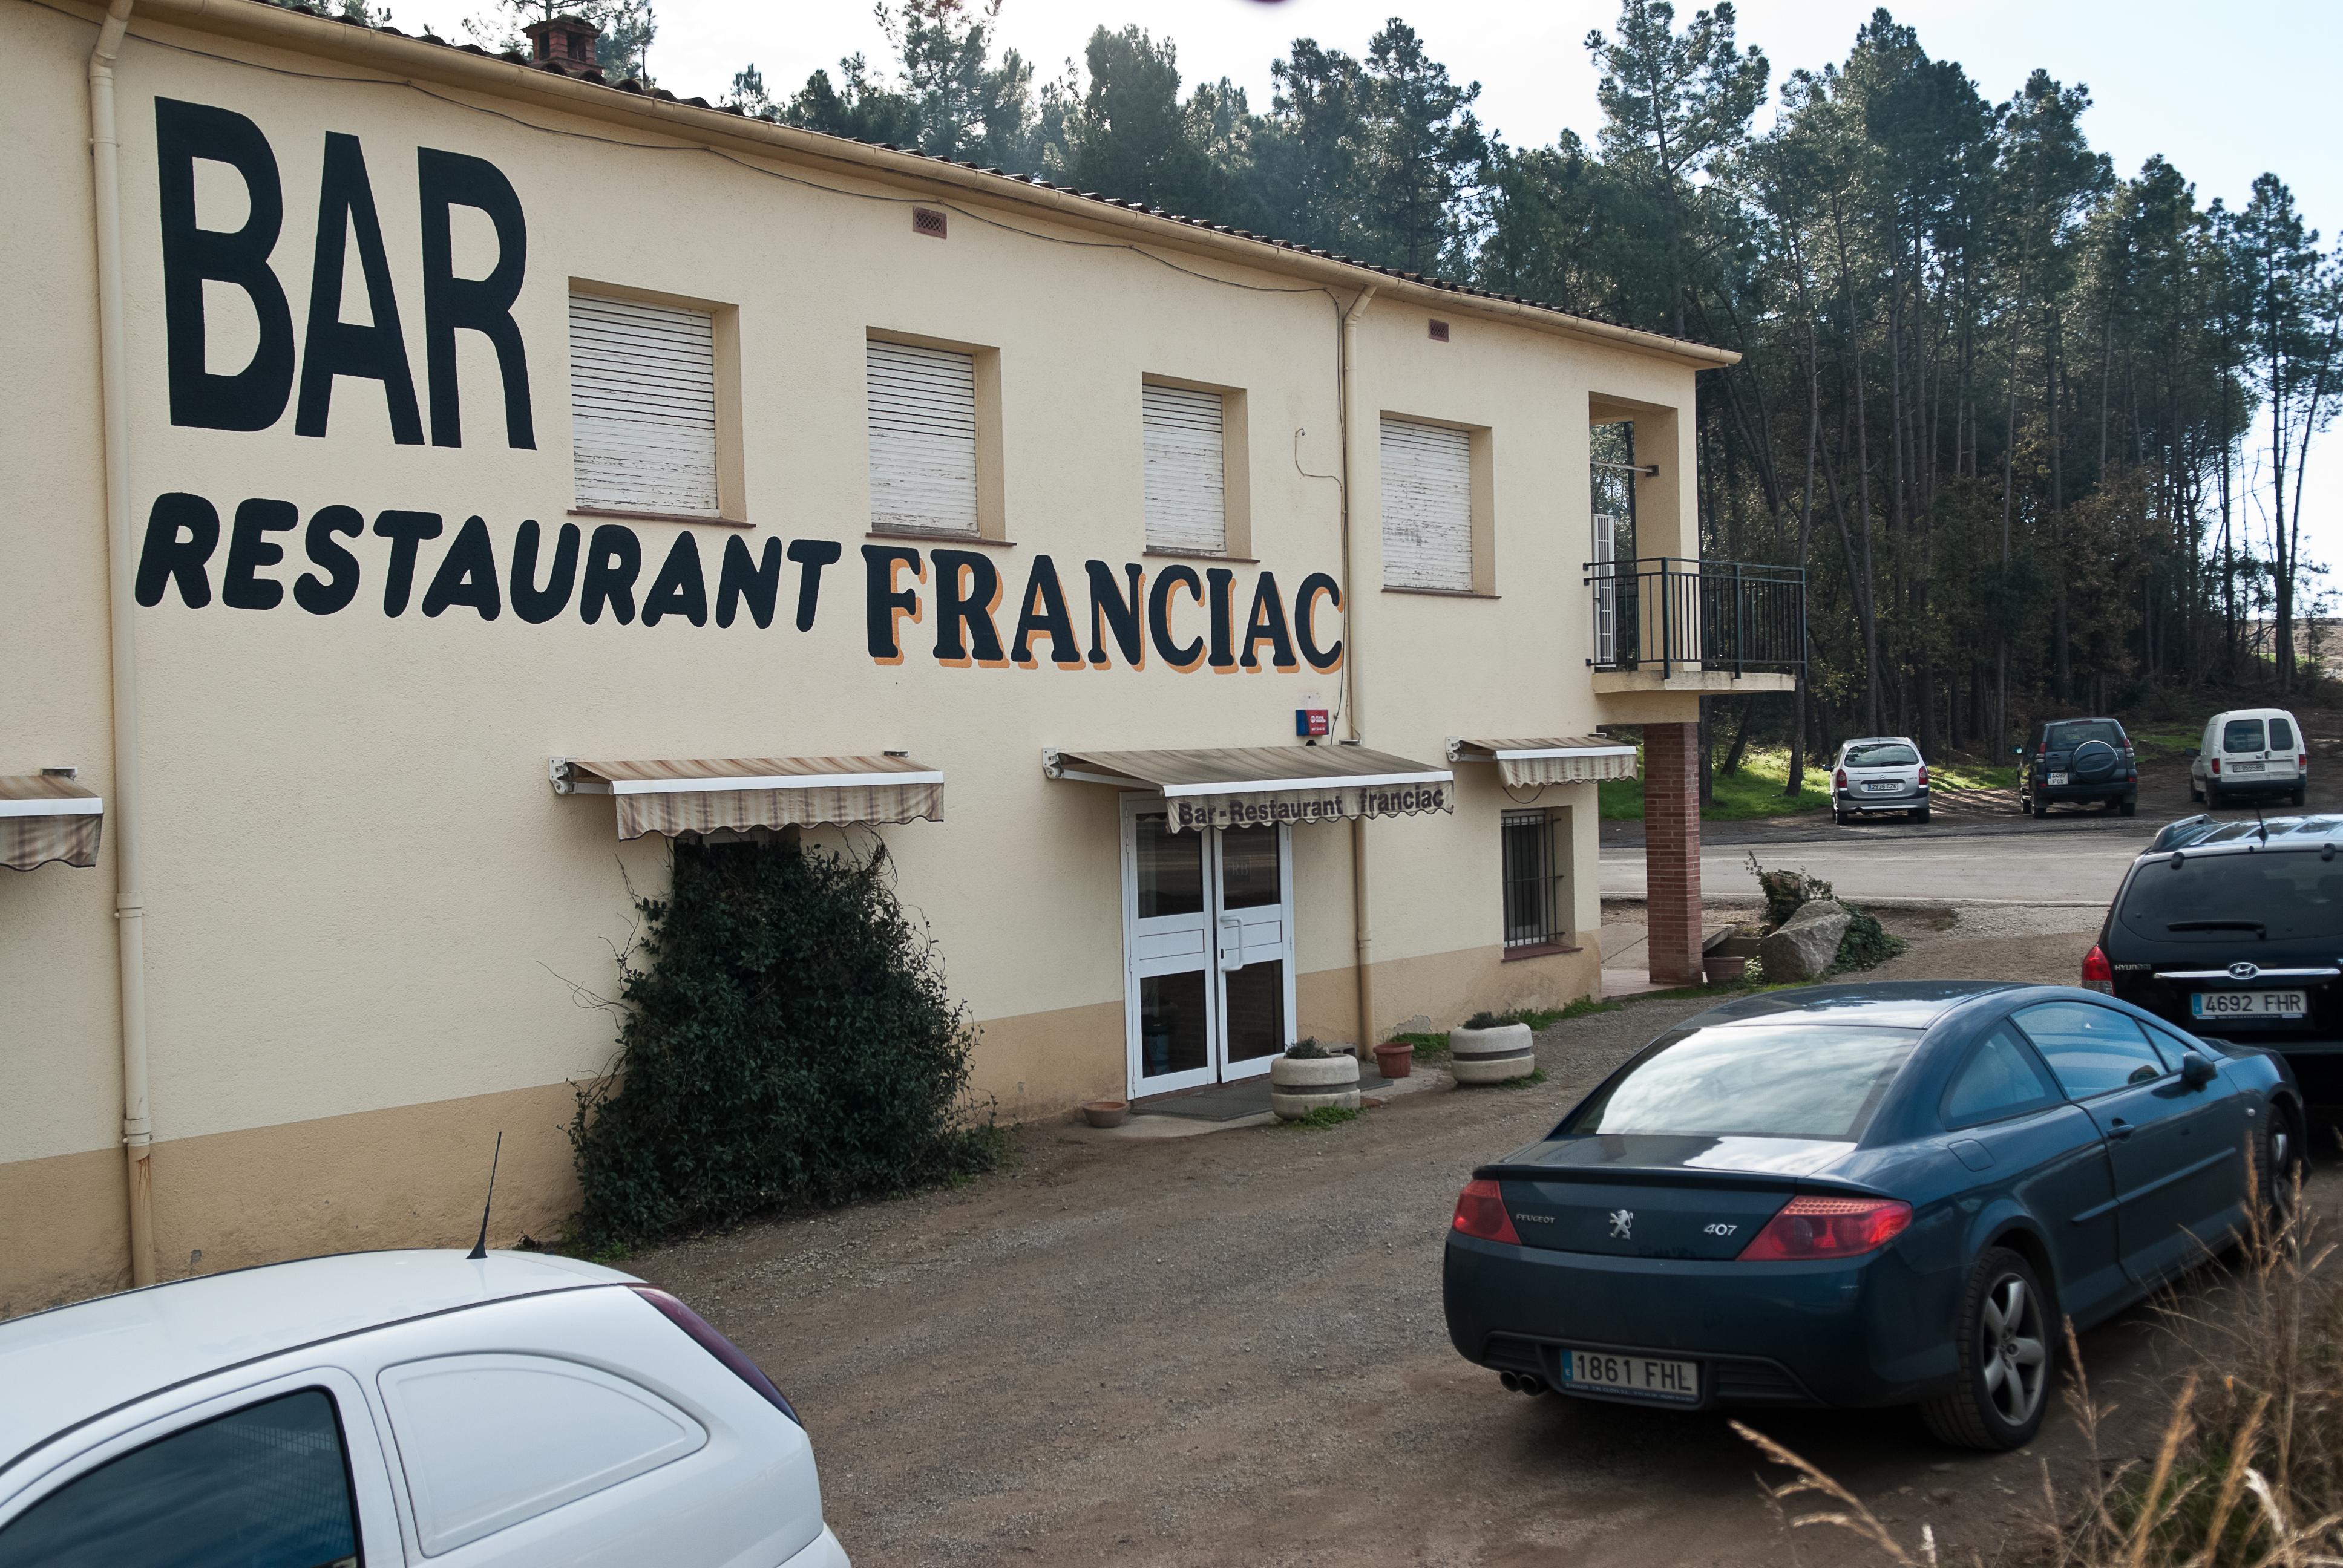 Restaurant Franciac